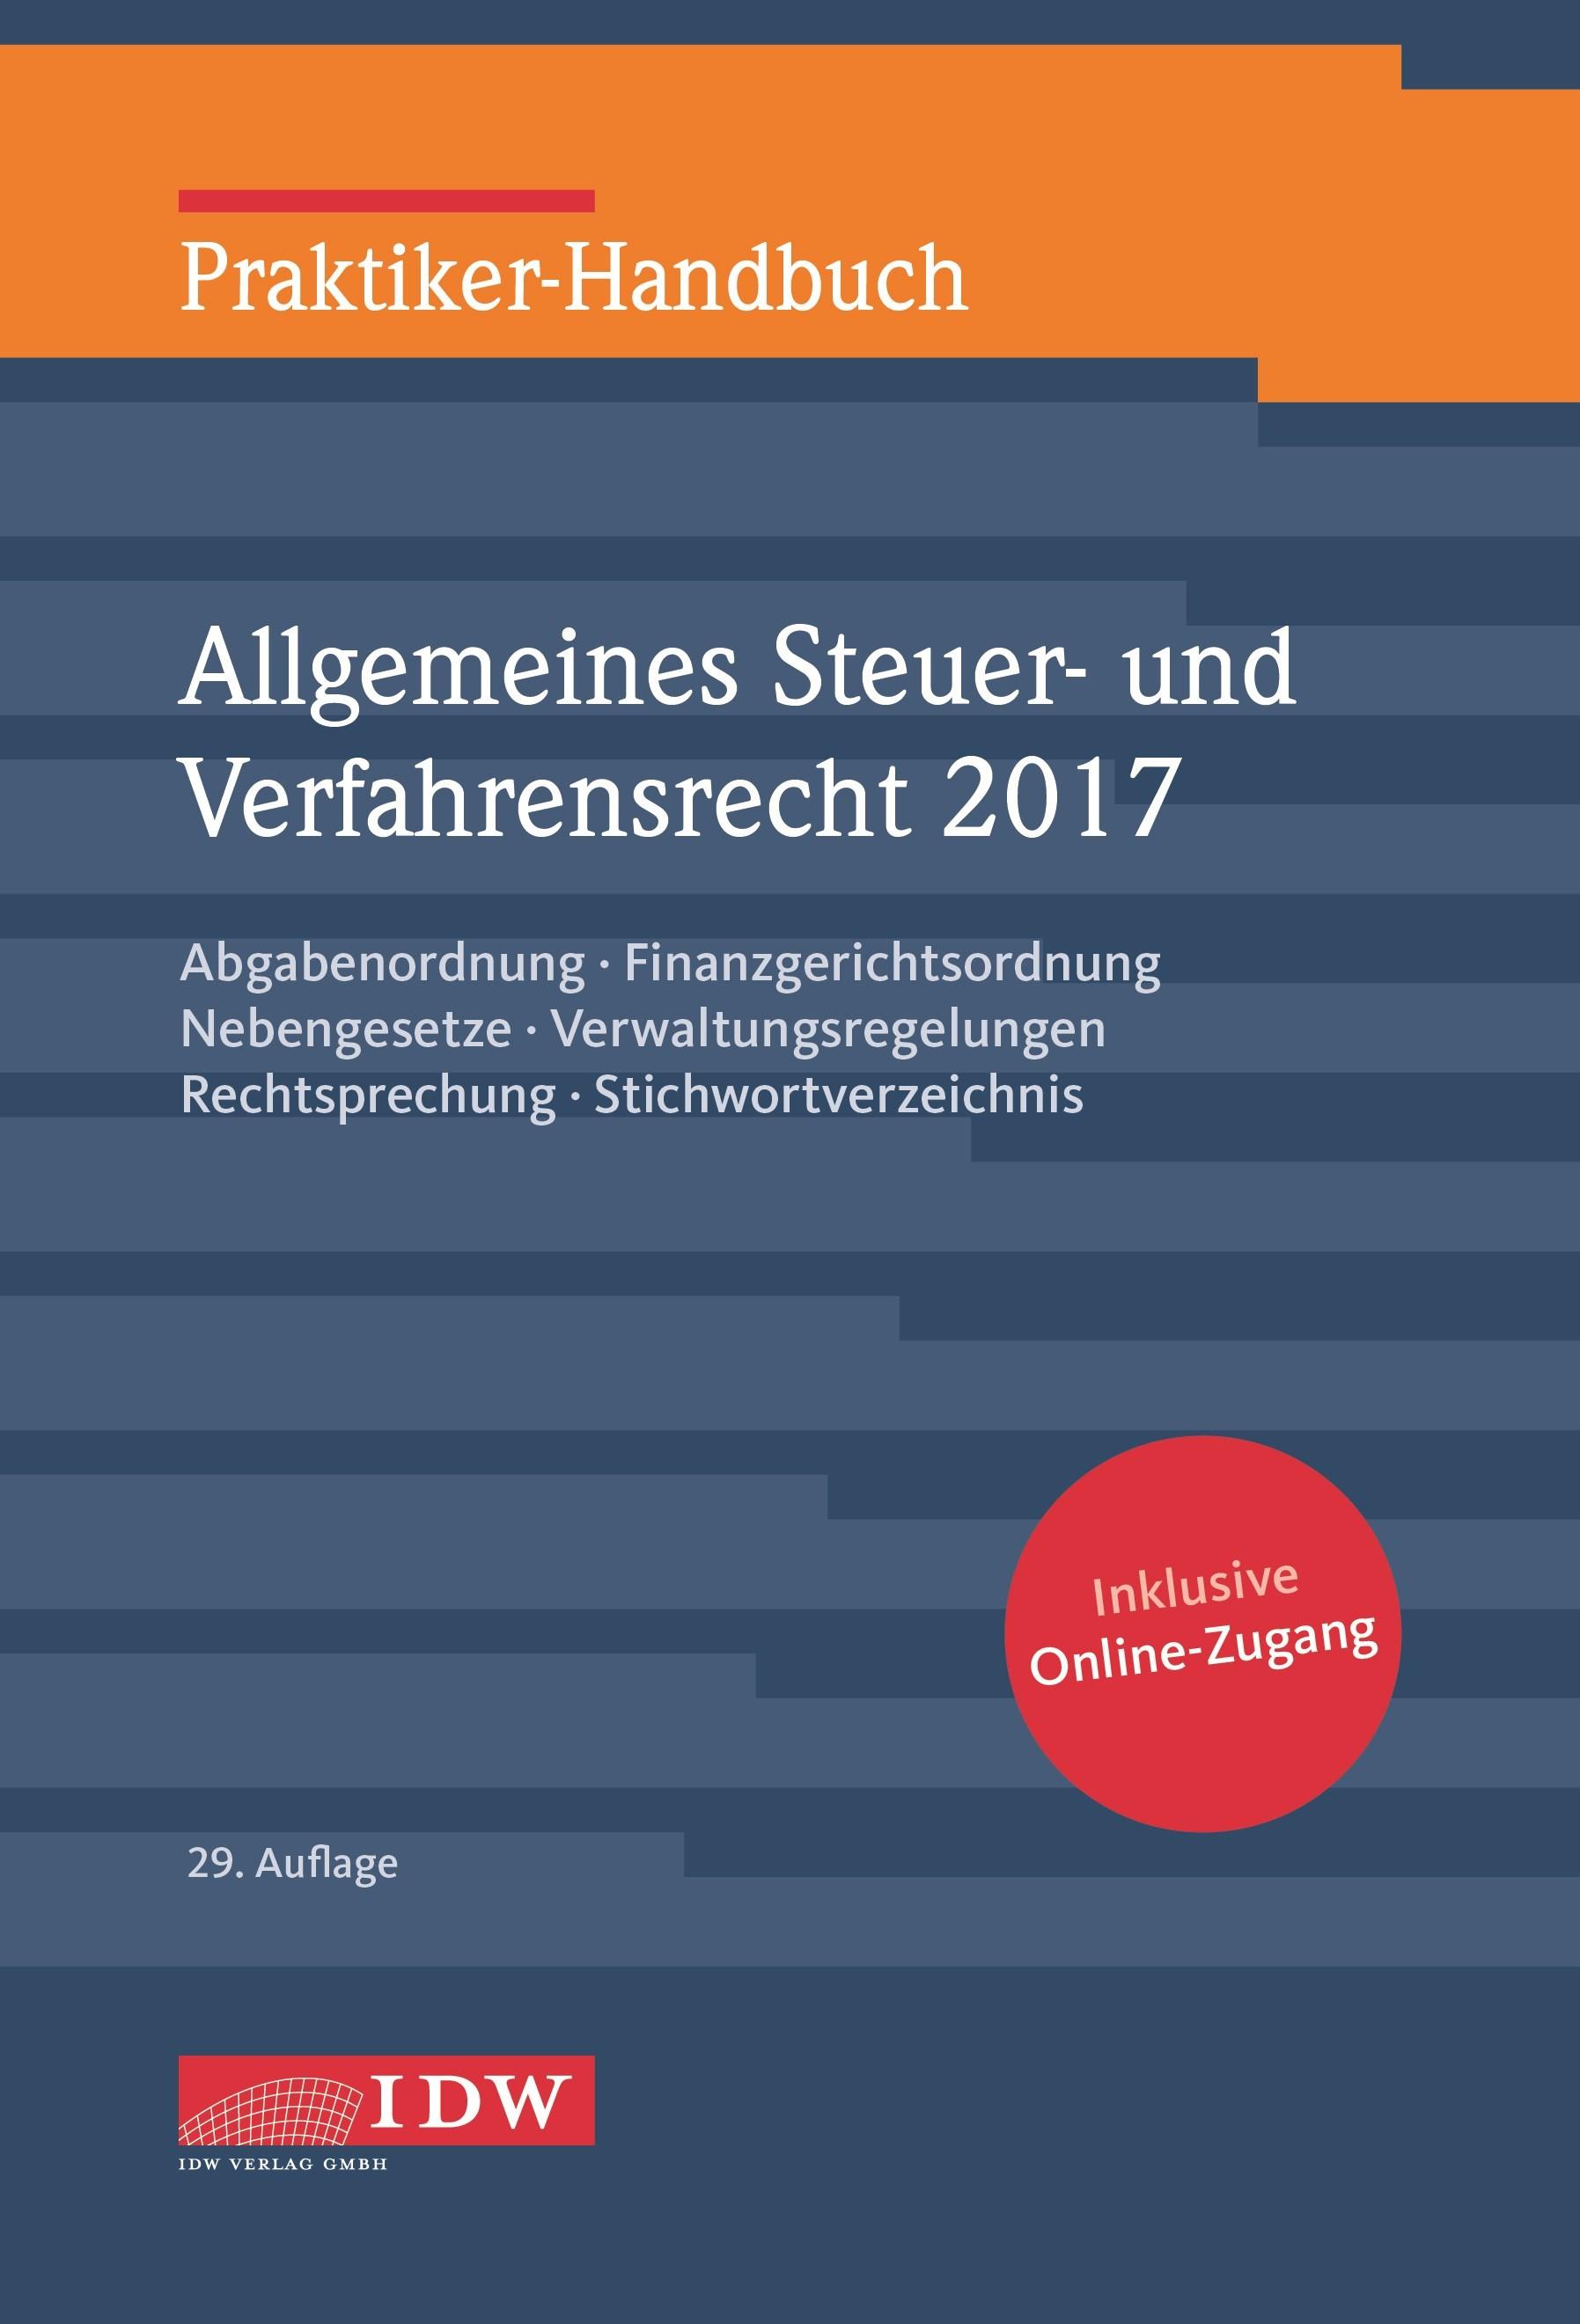 Praktiker-Handbuch Allgemeines Steuer- und Verfahrensrecht 2017 | Institut der Wirtschaftsprüfer / Kirch / Schiefer | 29. Auflage, 2017 | Buch (Cover)